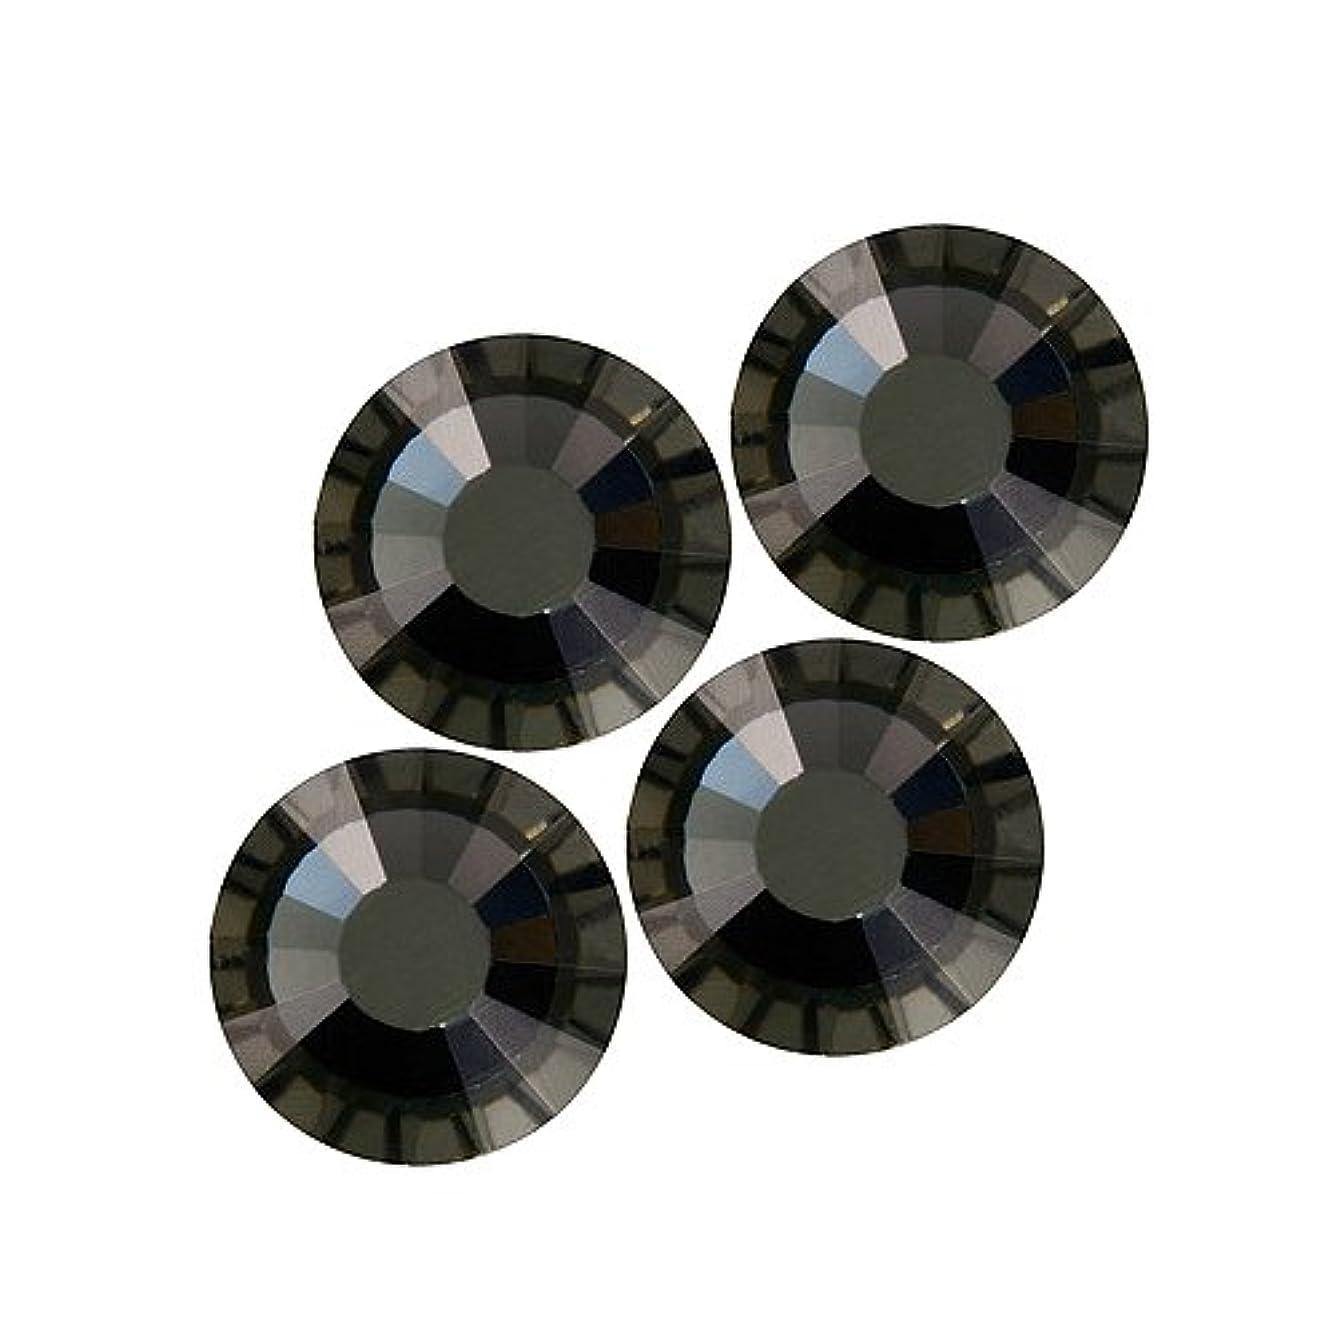 かどうか島チャーミングバイナル DIAMOND RHINESTONE ブラックダイアモンドSS8 1440粒 ST-SS8-BKD-10G